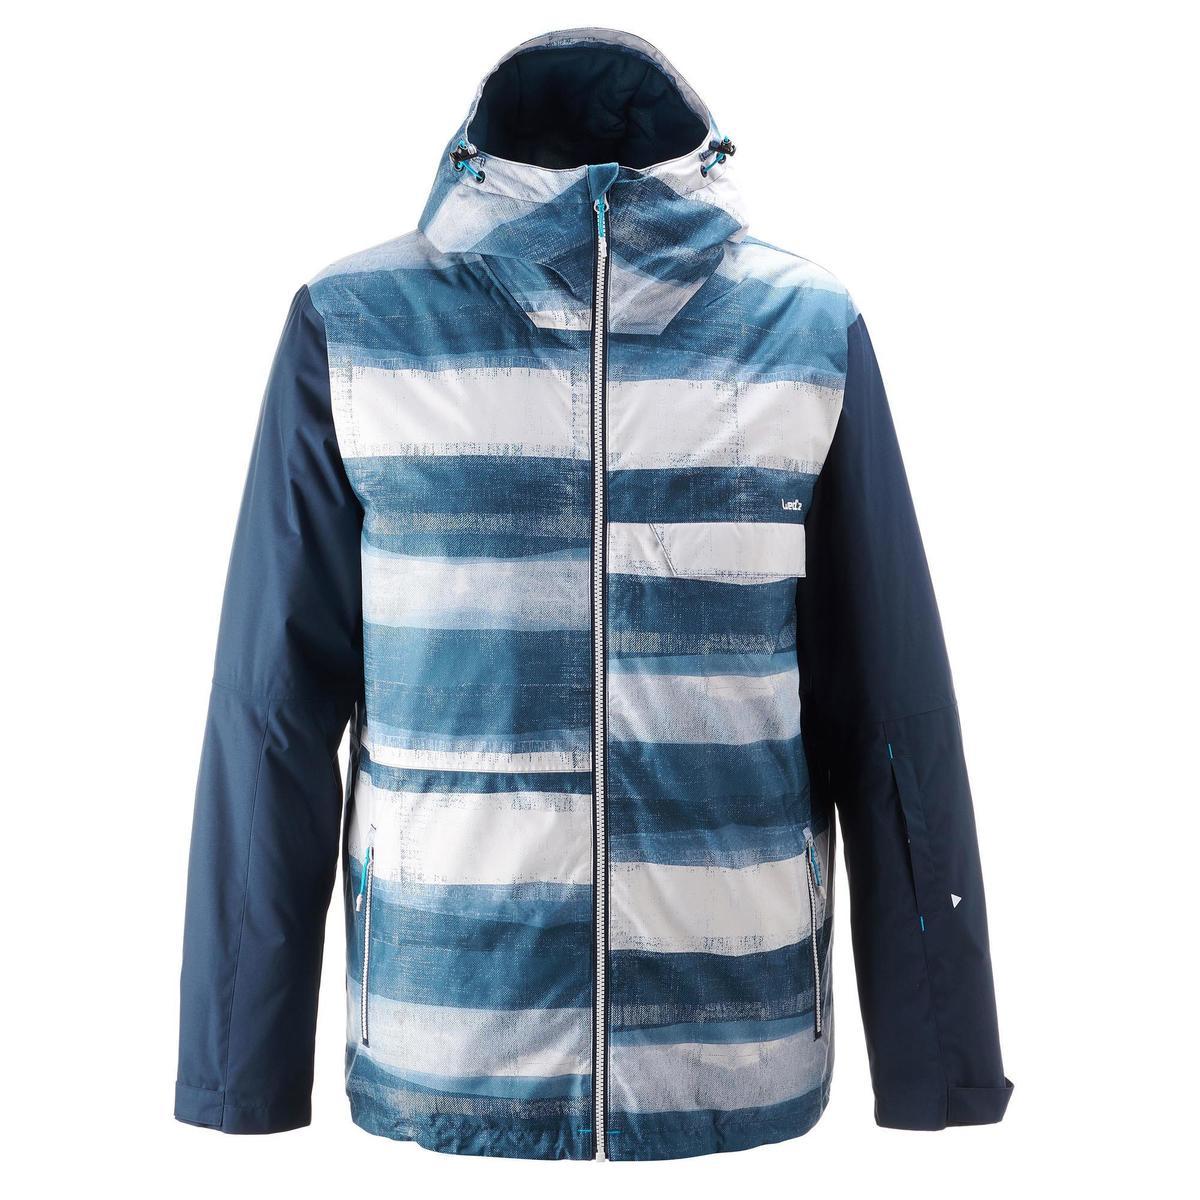 Bild 2 von Snowboardjacke SNB JKT 100 Herren Print blau